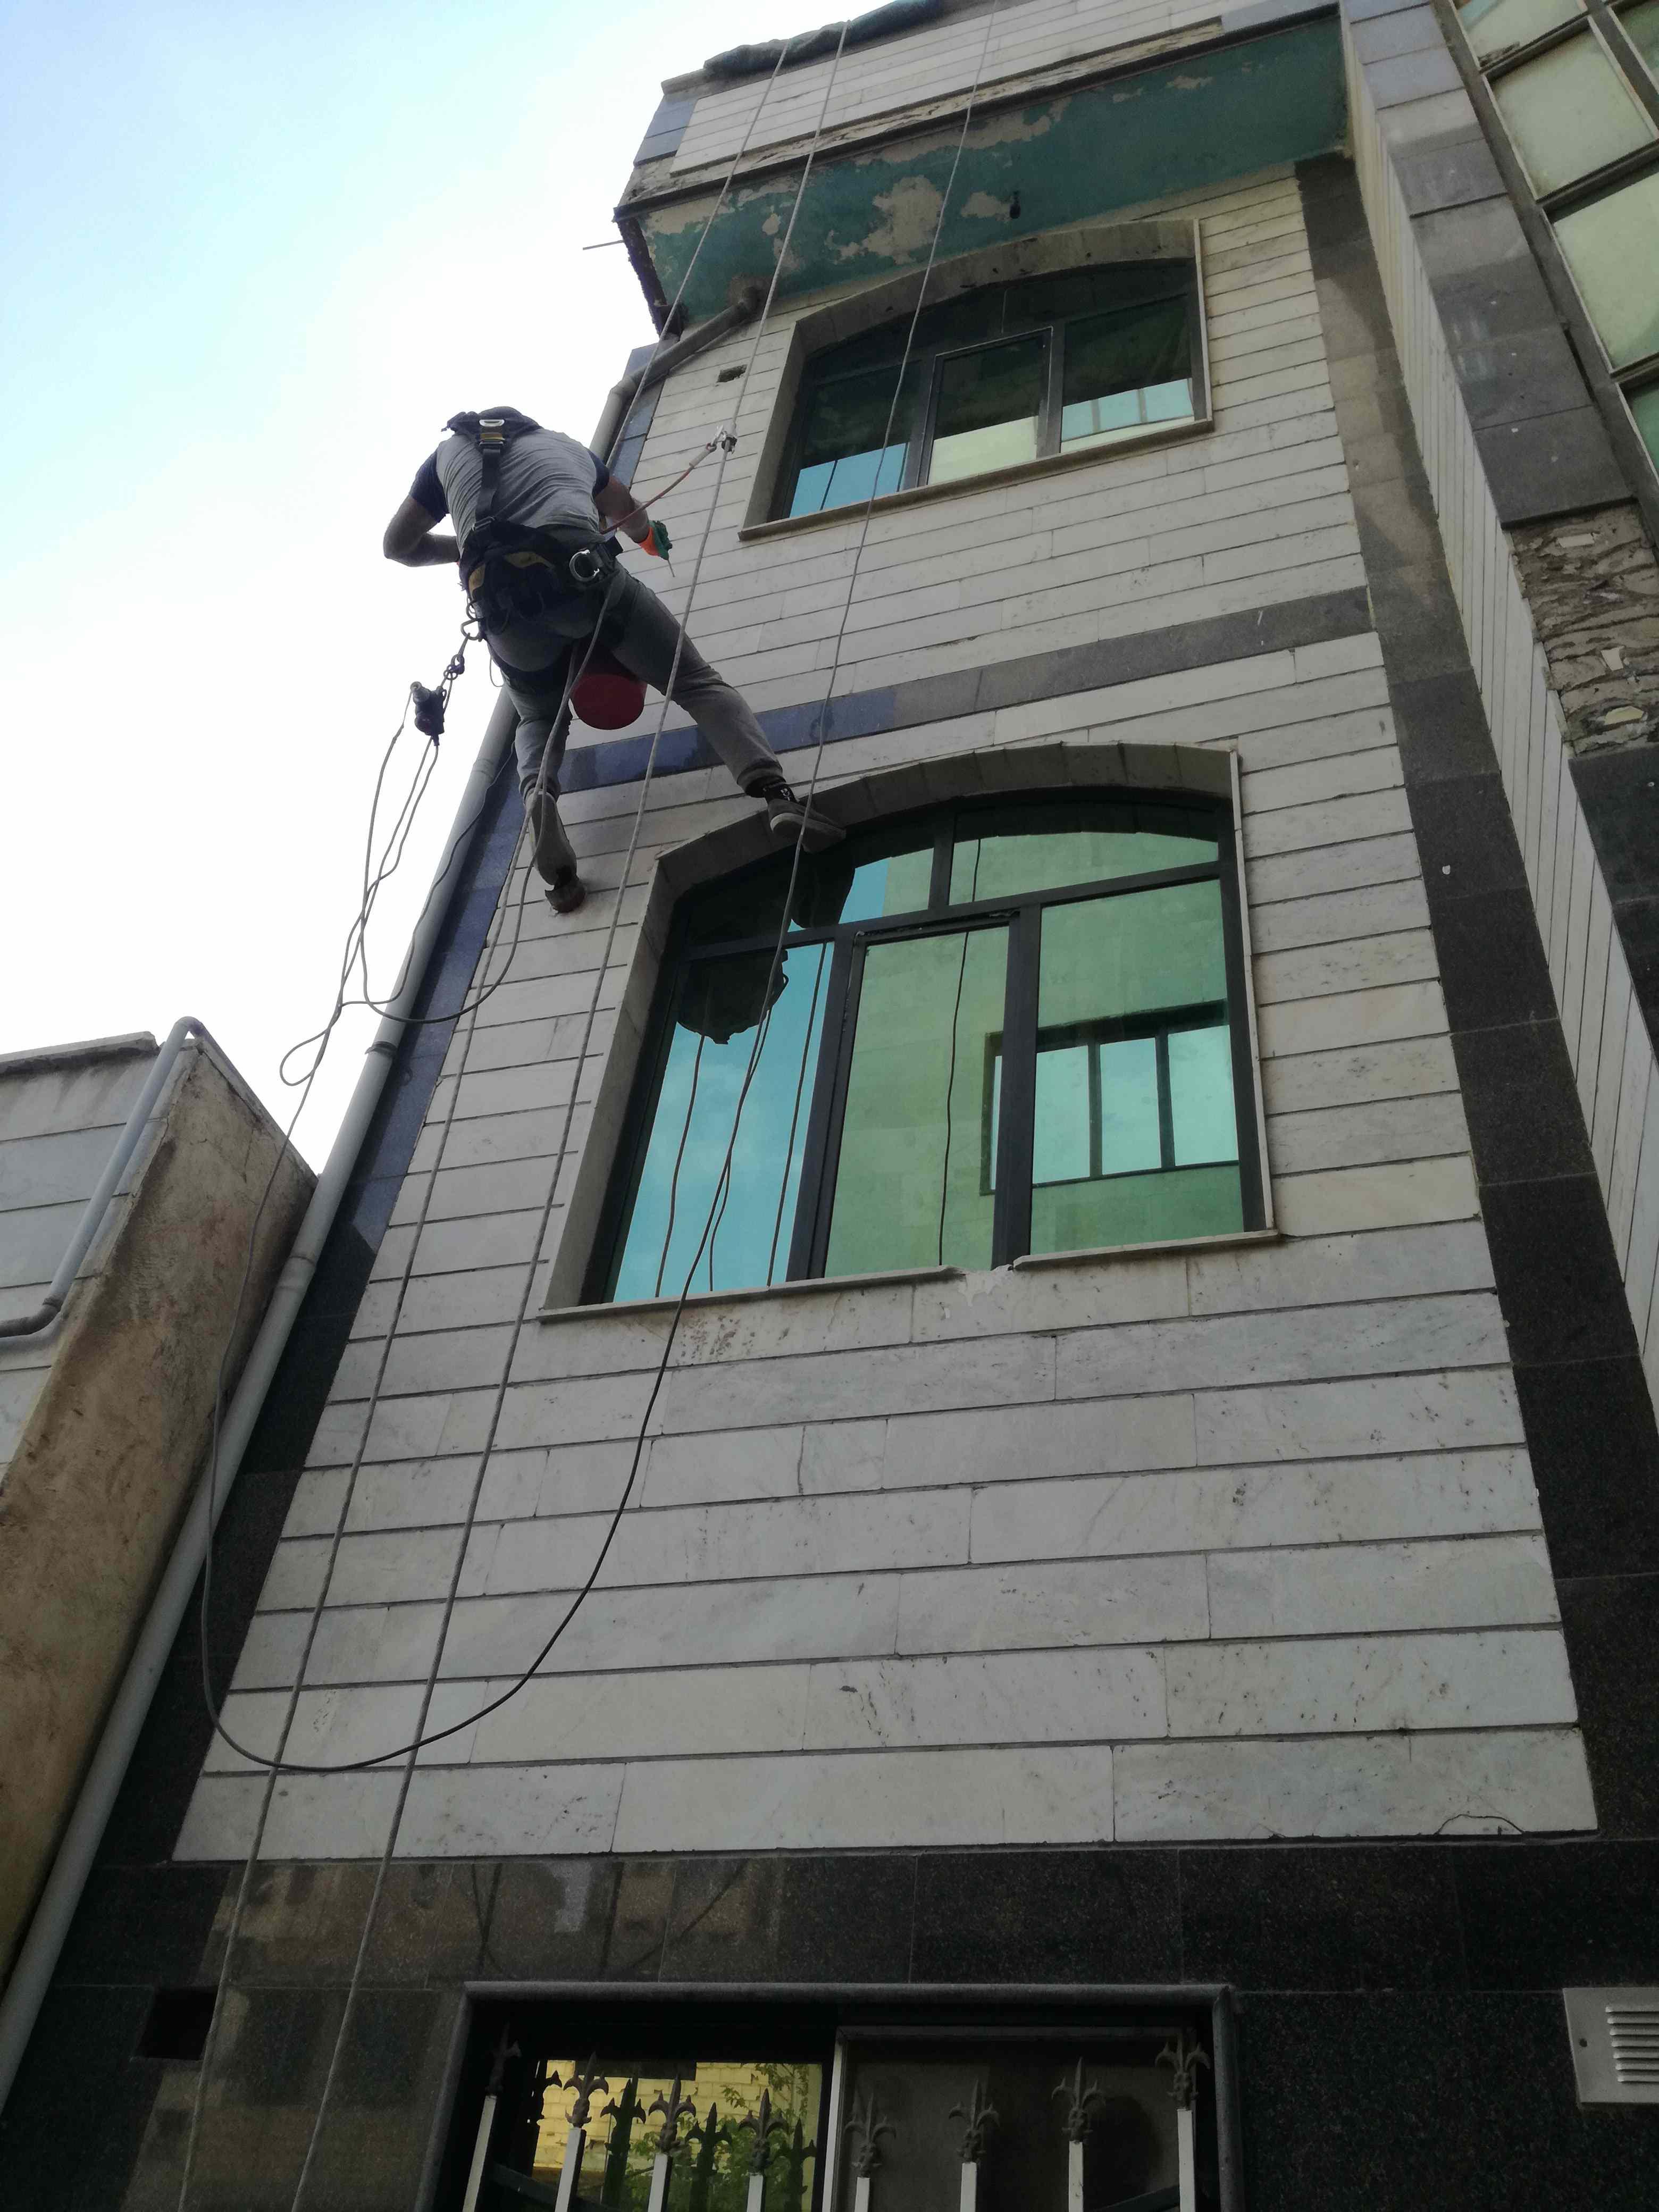 نماشویی با طناب و بدون داربست در کرج و تهران